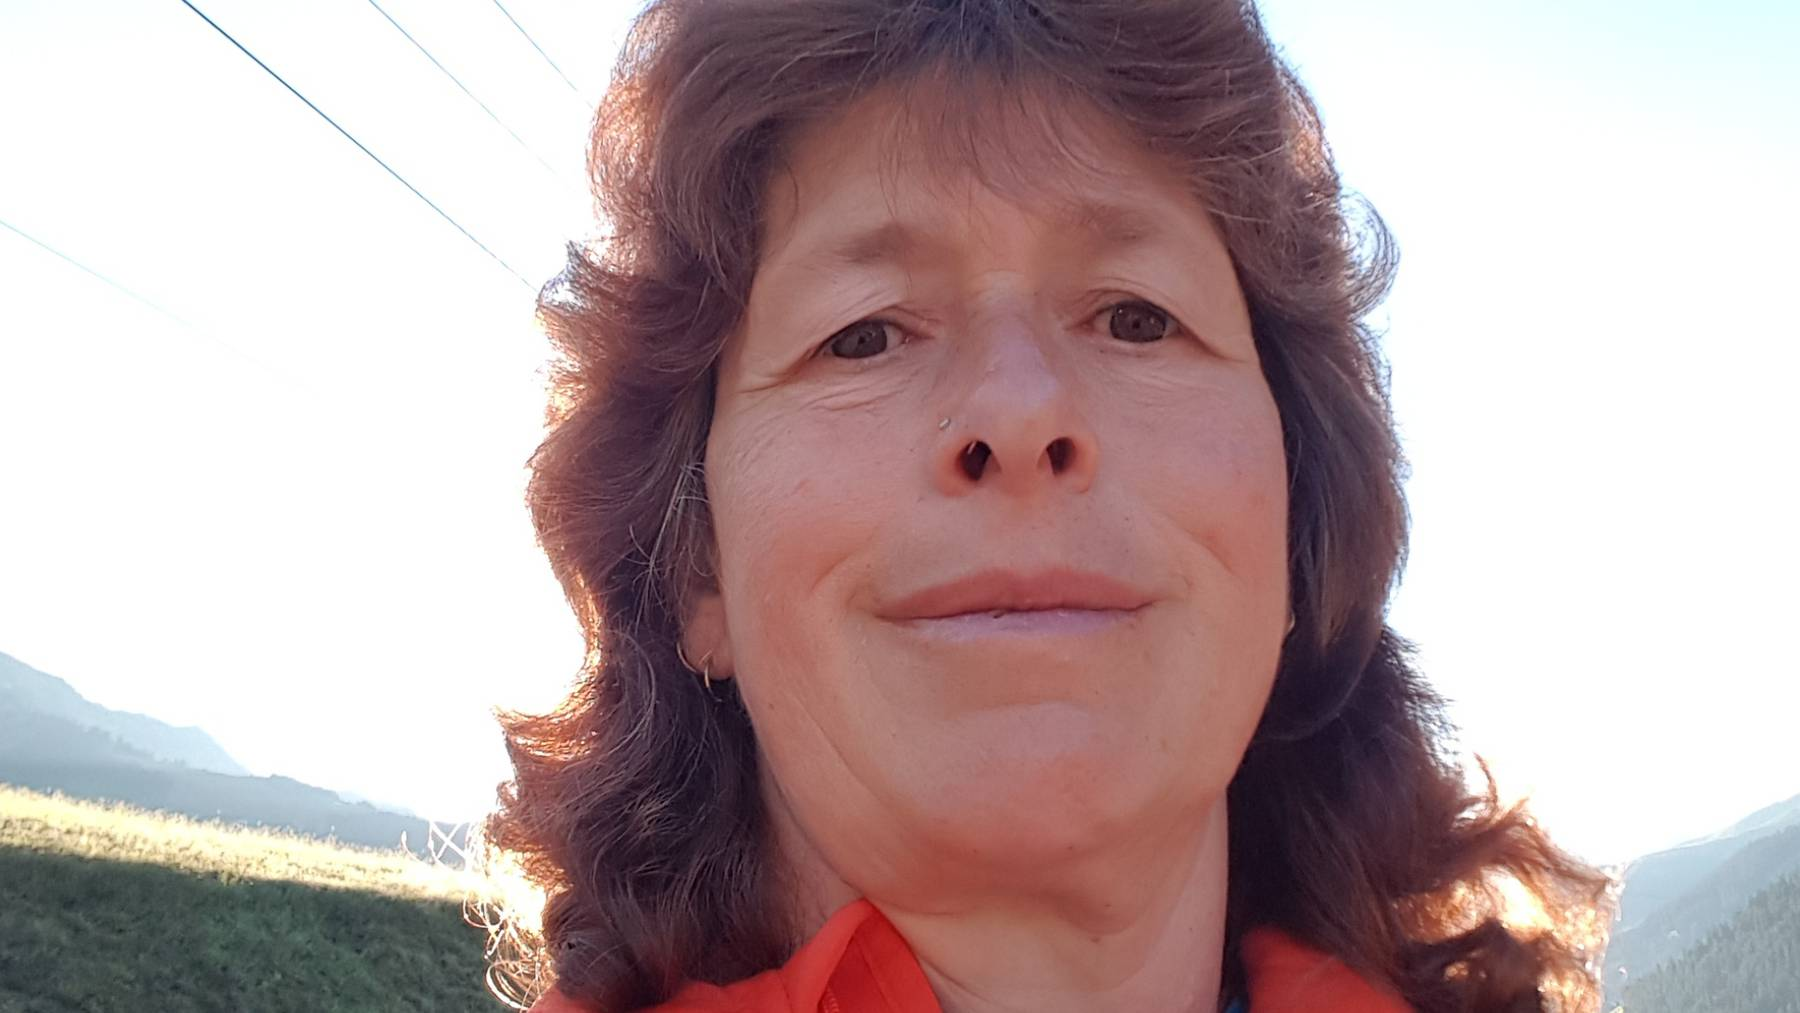 5 gwönnt: Eveline aus Sursee knackte den Jackpot